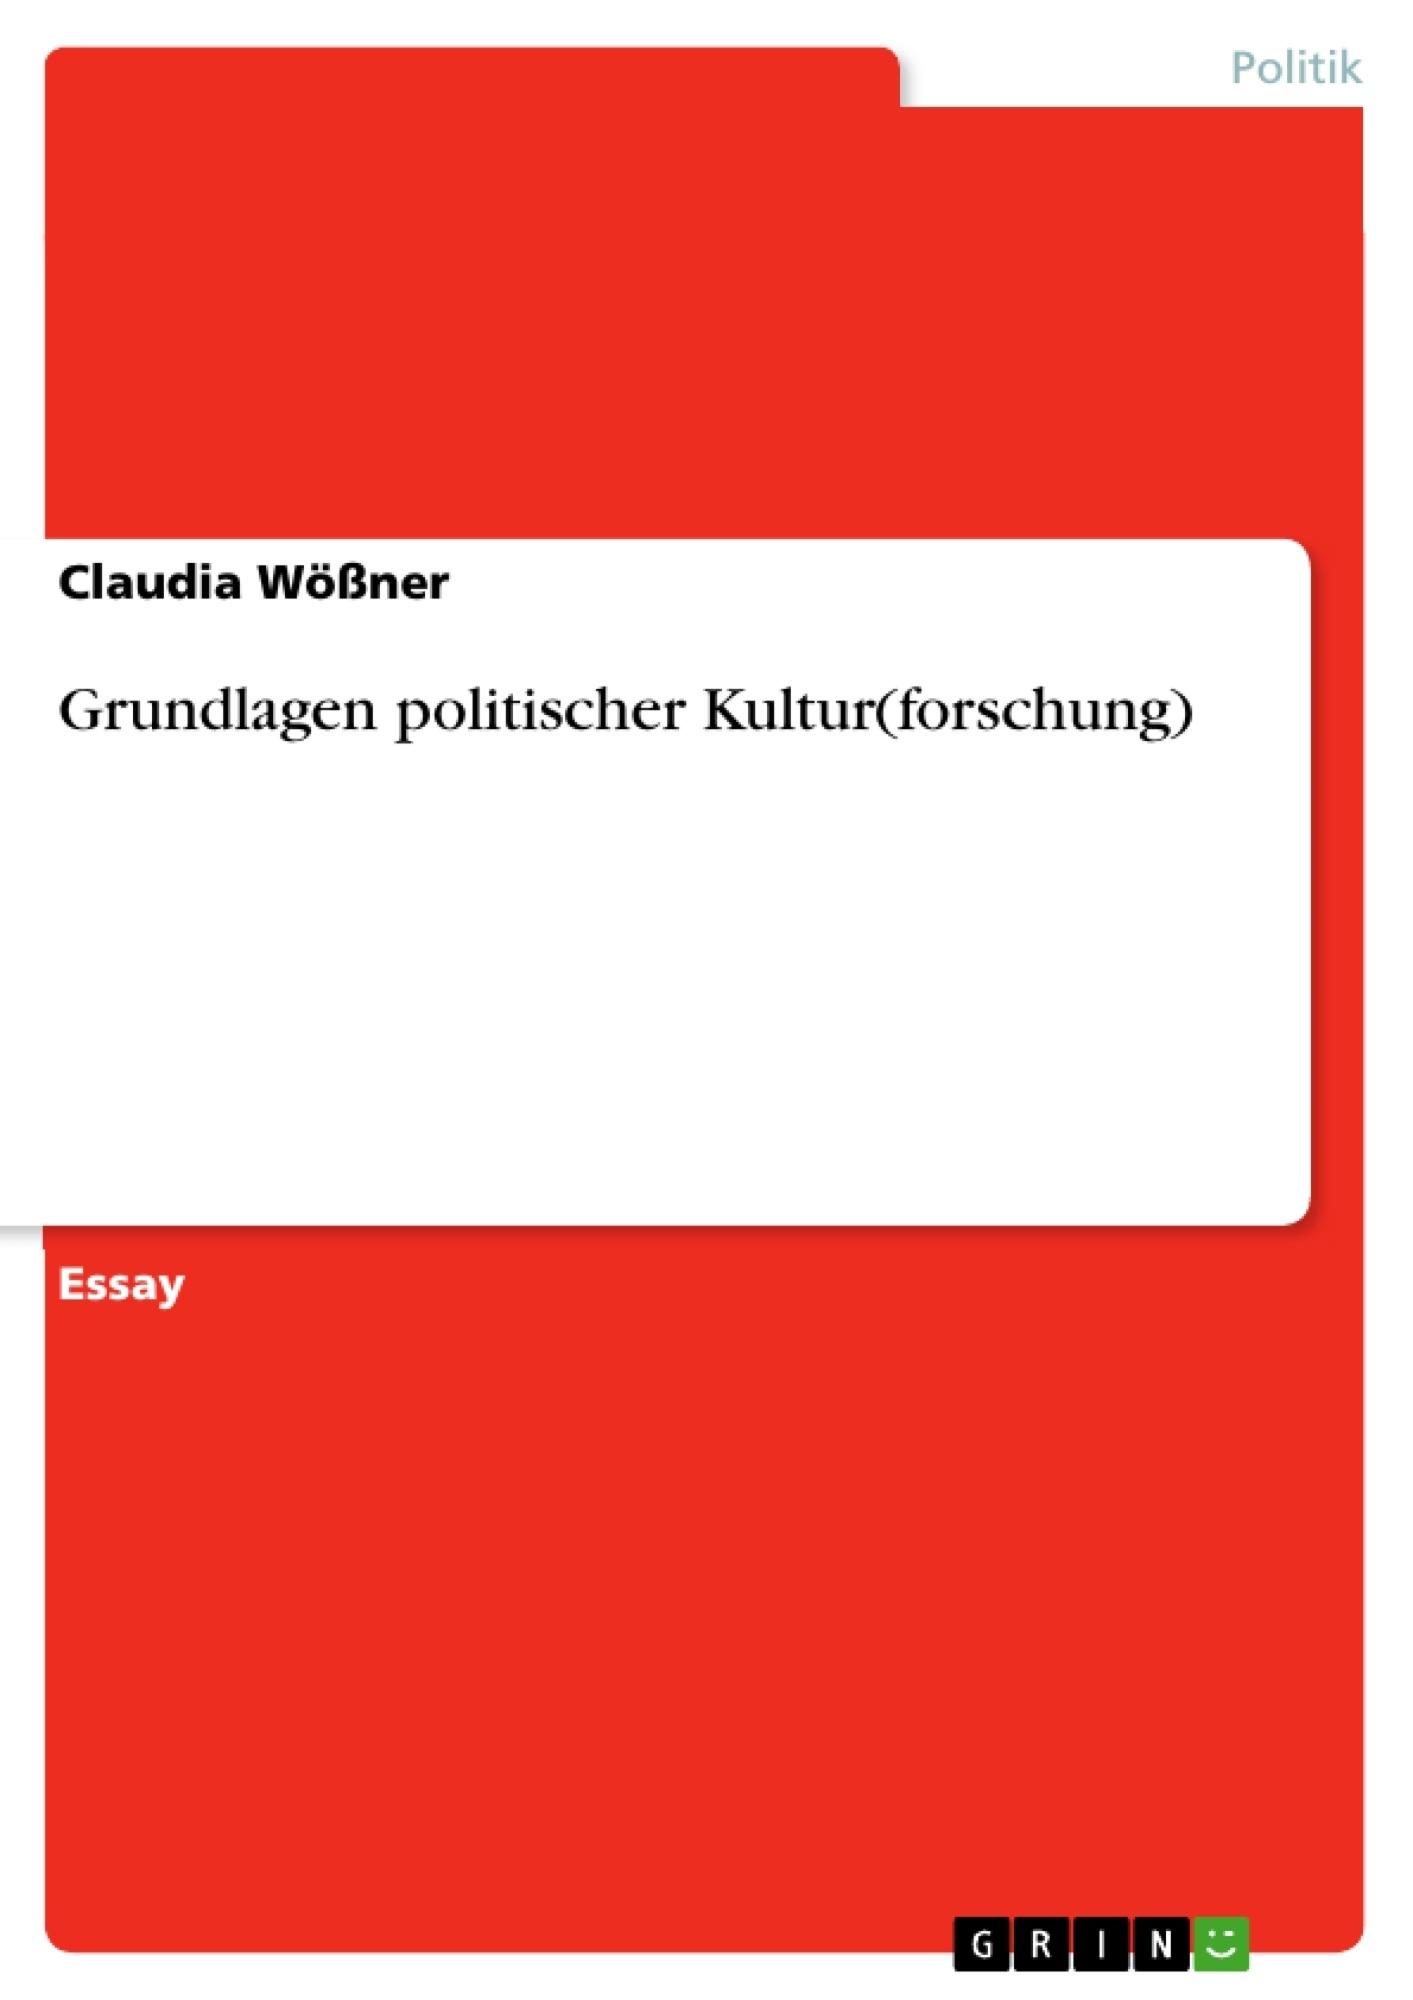 Titel: Grundlagen politischer Kultur(forschung)